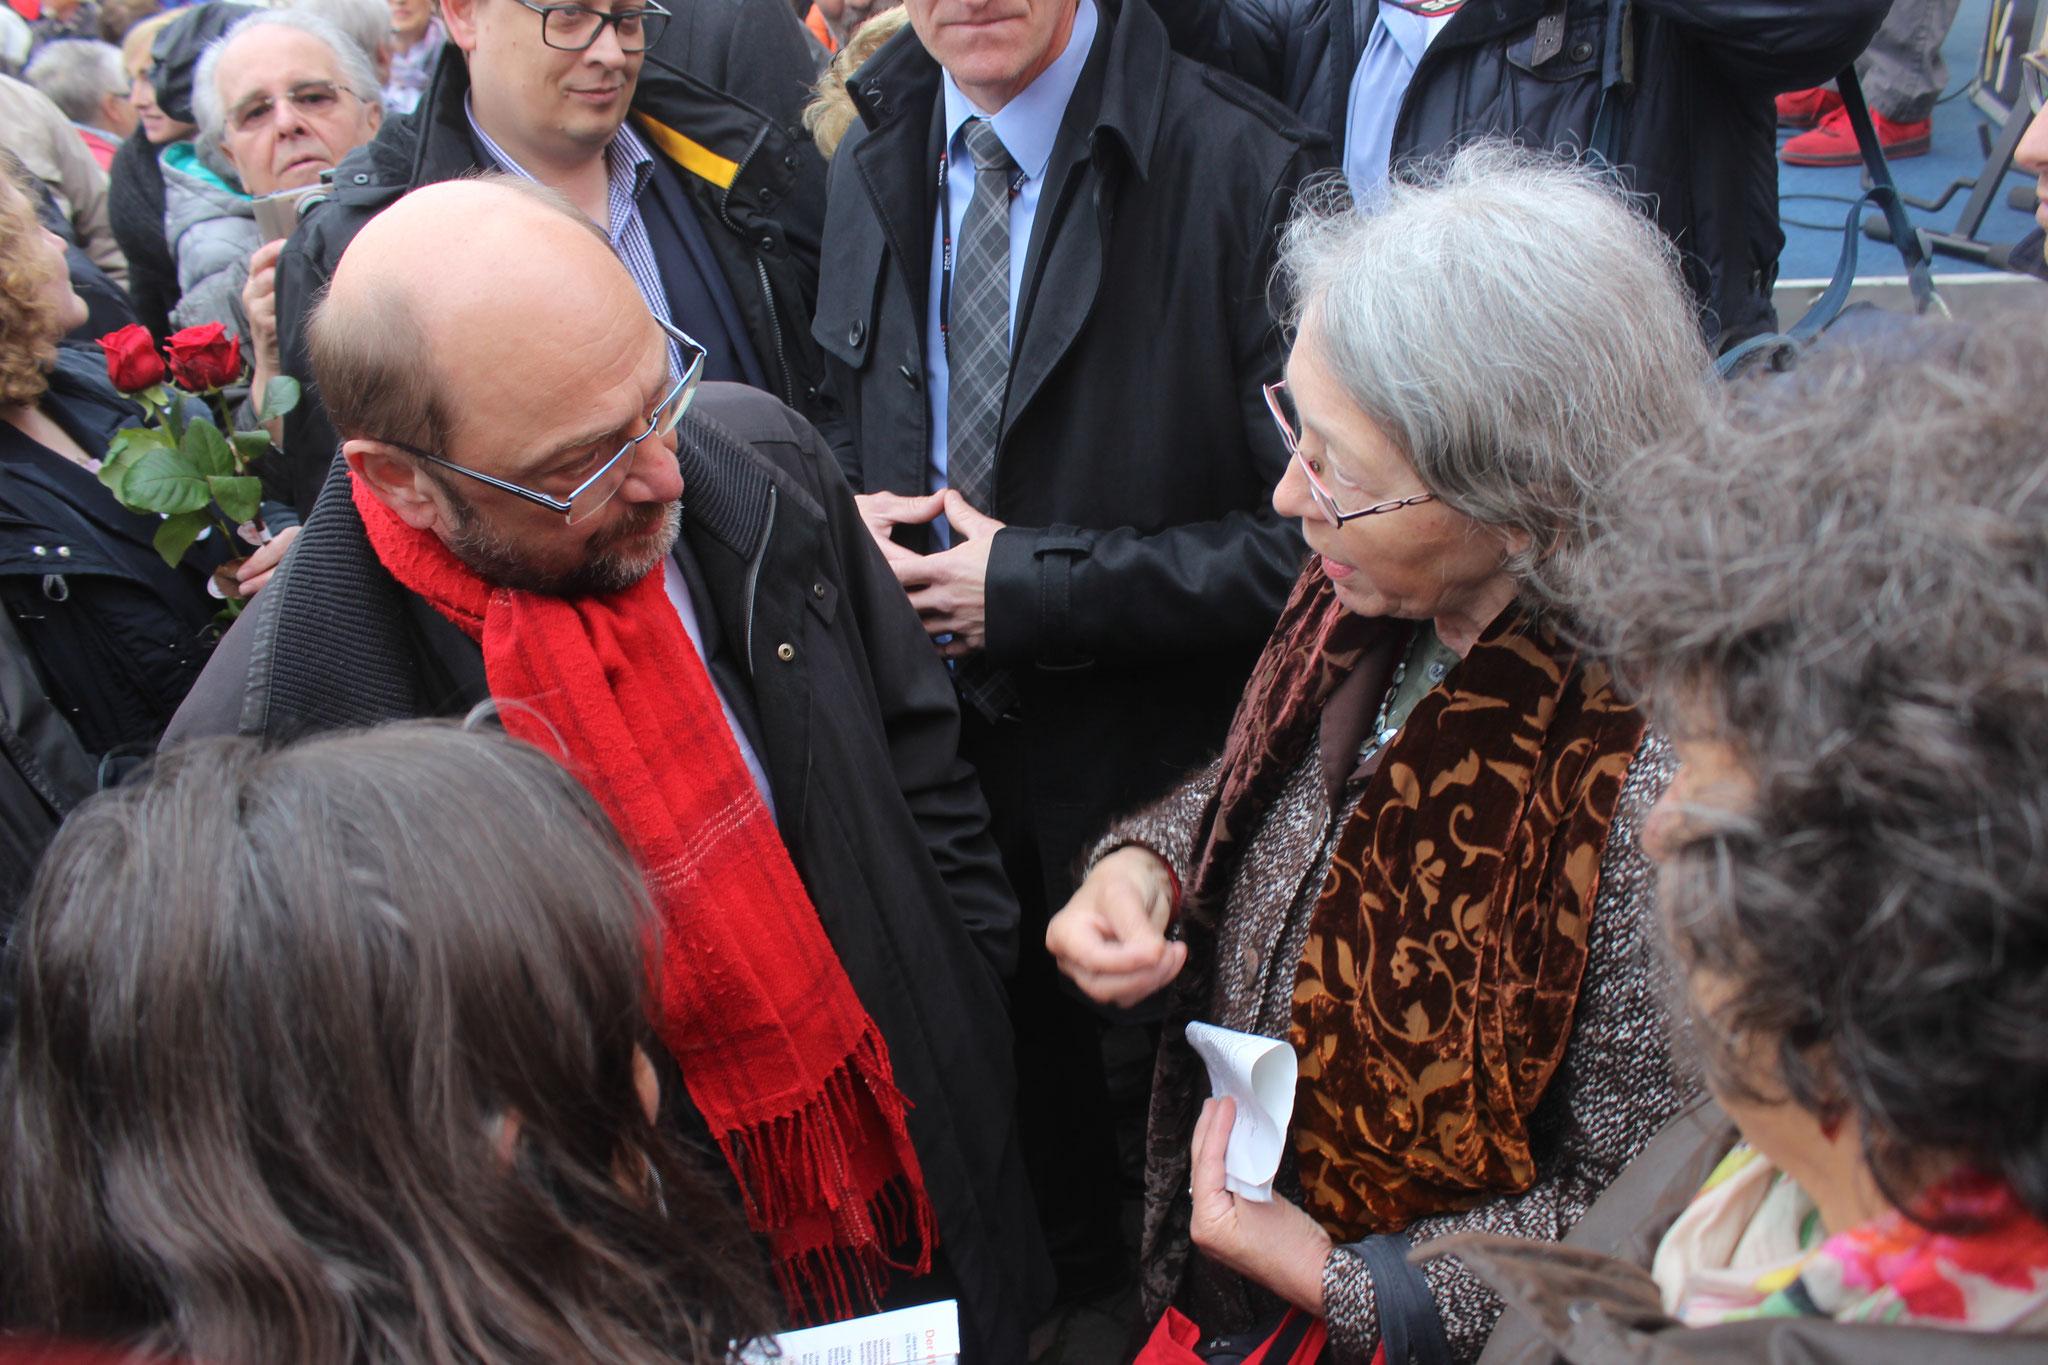 Netzwerk-Sprecherin Ella Kraft im Gespräch mit Martin Schulz